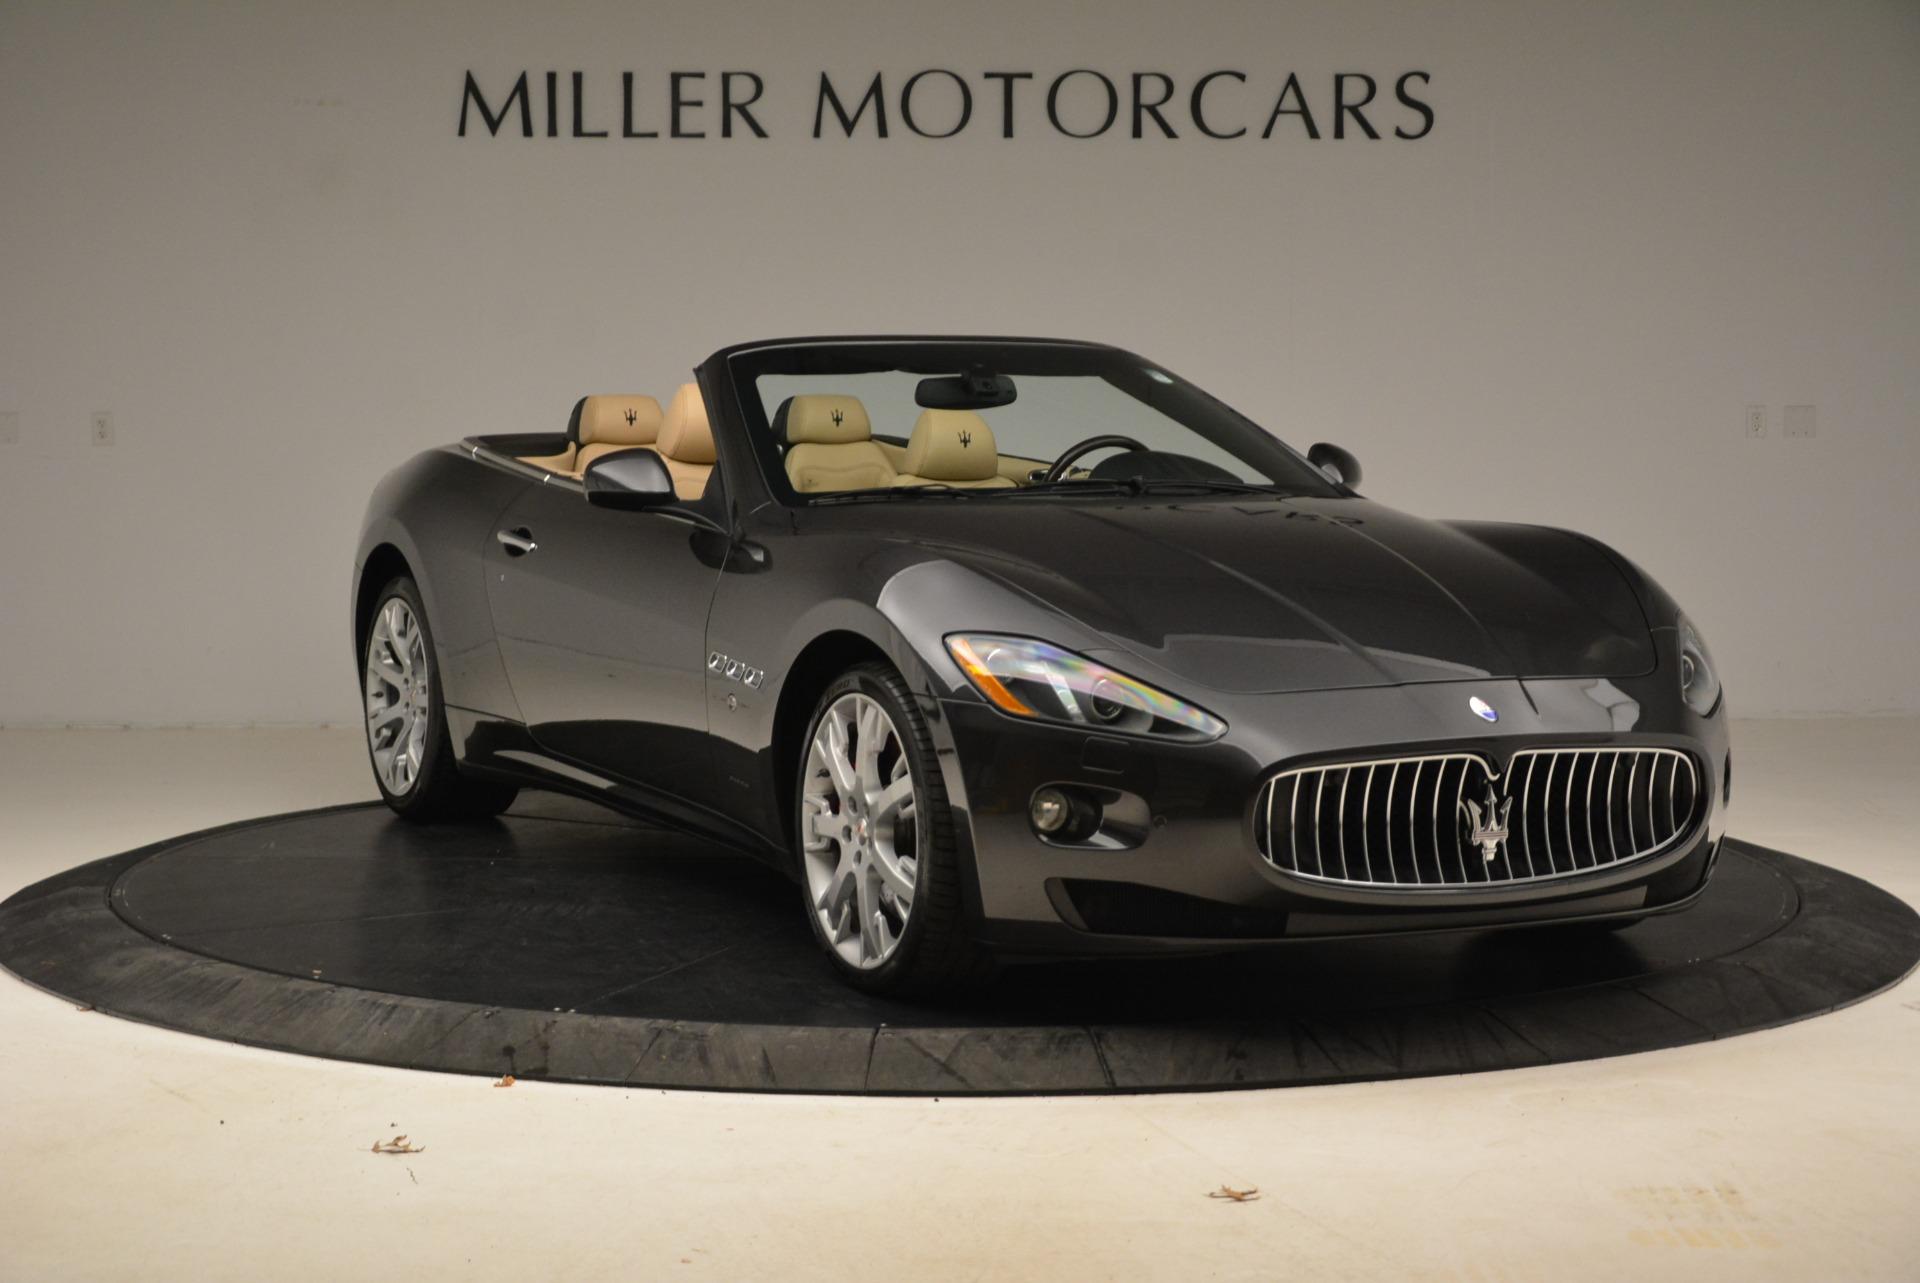 Used 2013 Maserati GranTurismo Convertible  For Sale In Greenwich, CT 2050_p11